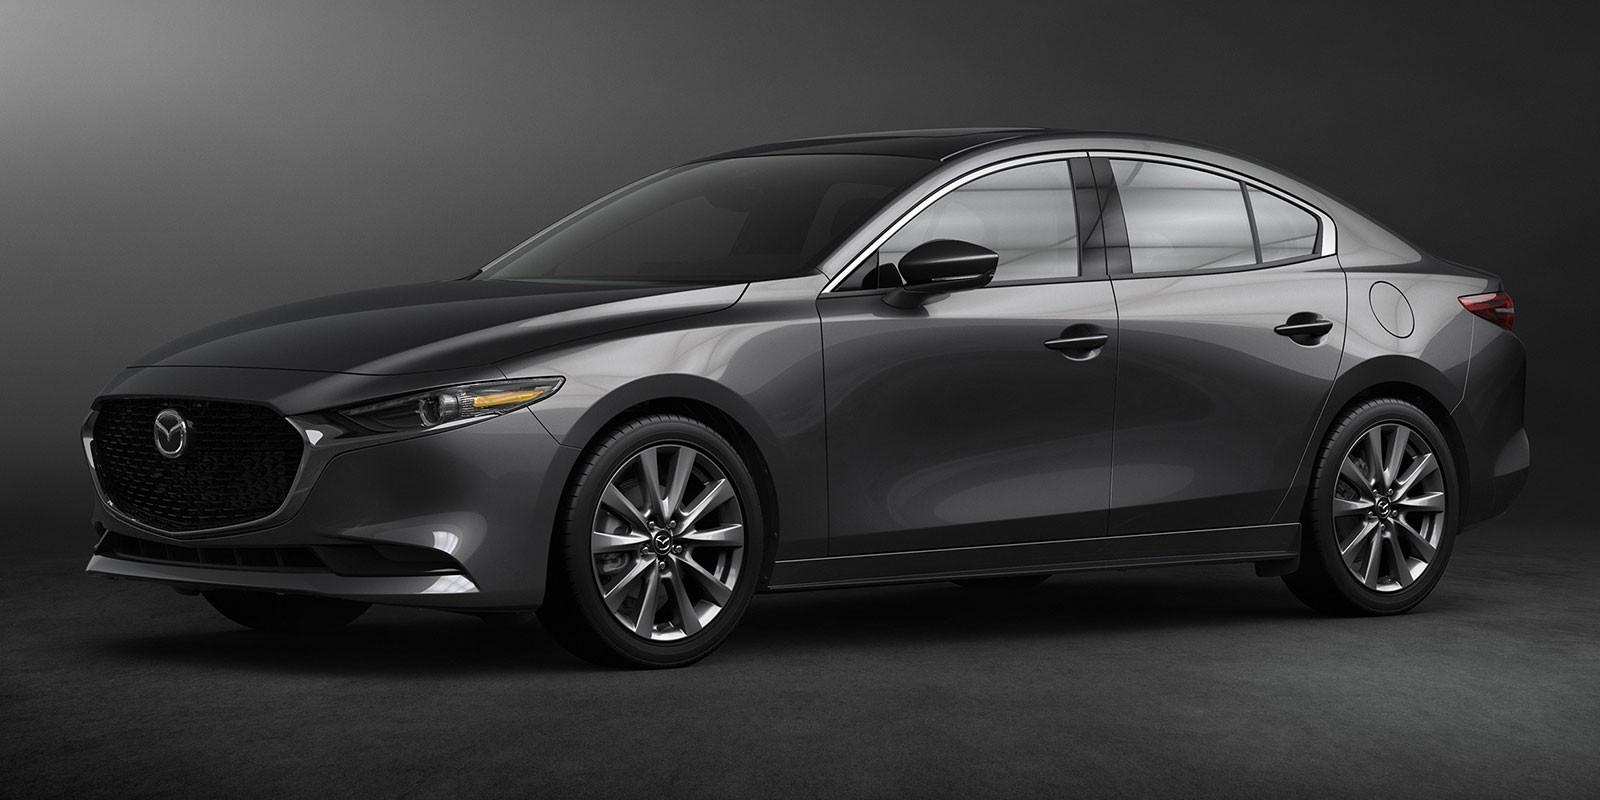 Màu xám Polymetal Grey dành riêng cho Mazda3 Sedan 2019